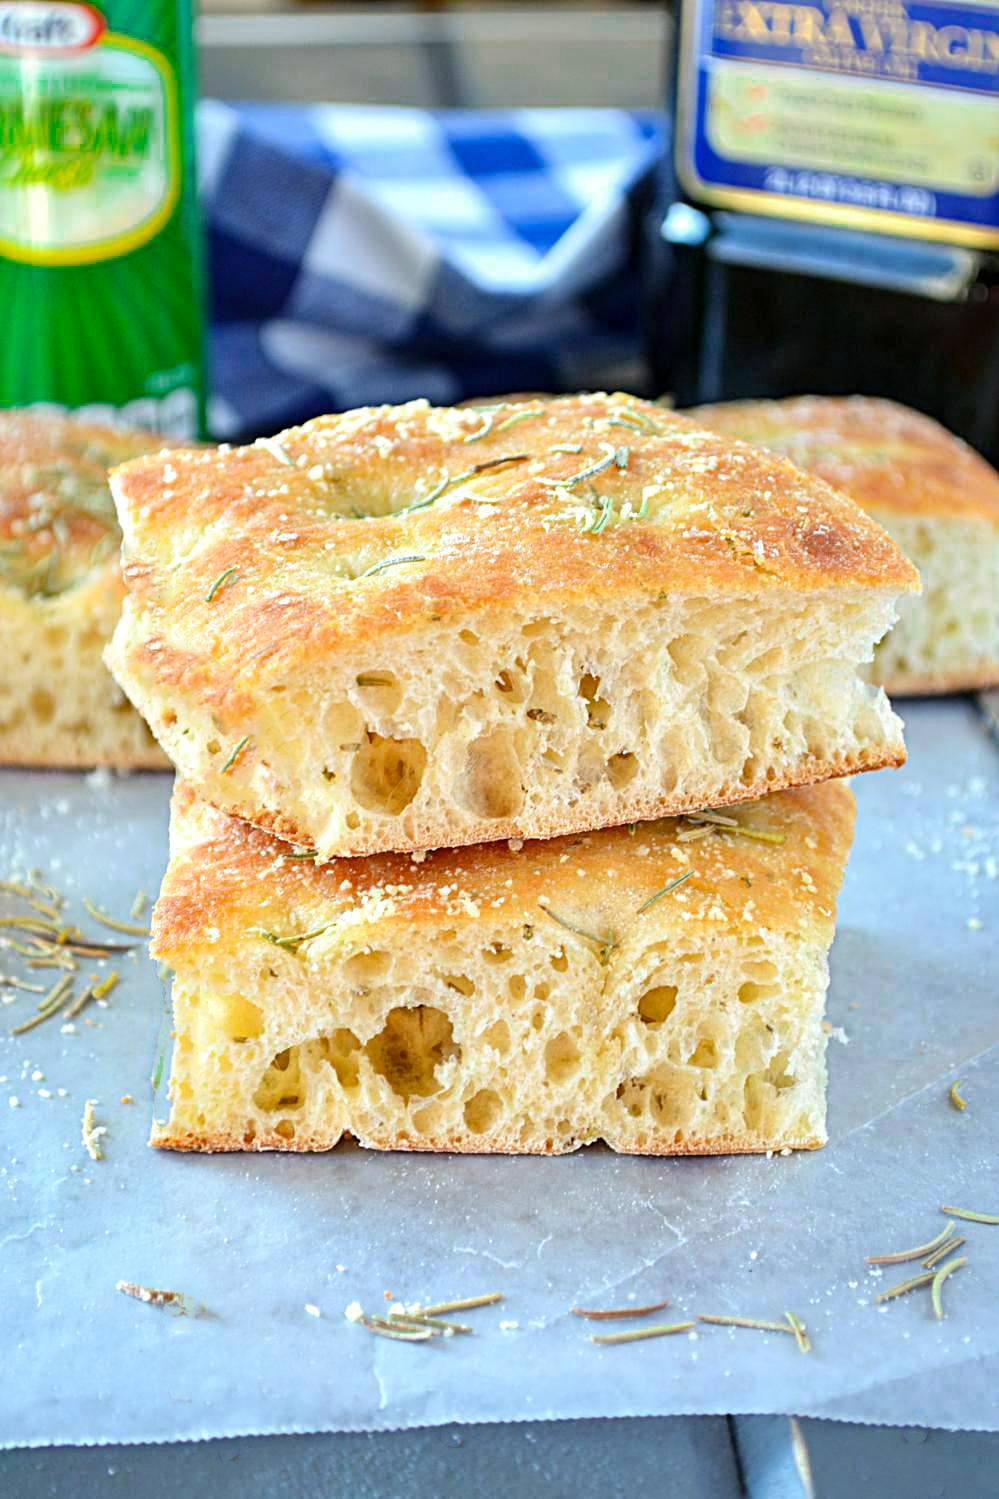 Beautifully baked Focaccia bread recipe